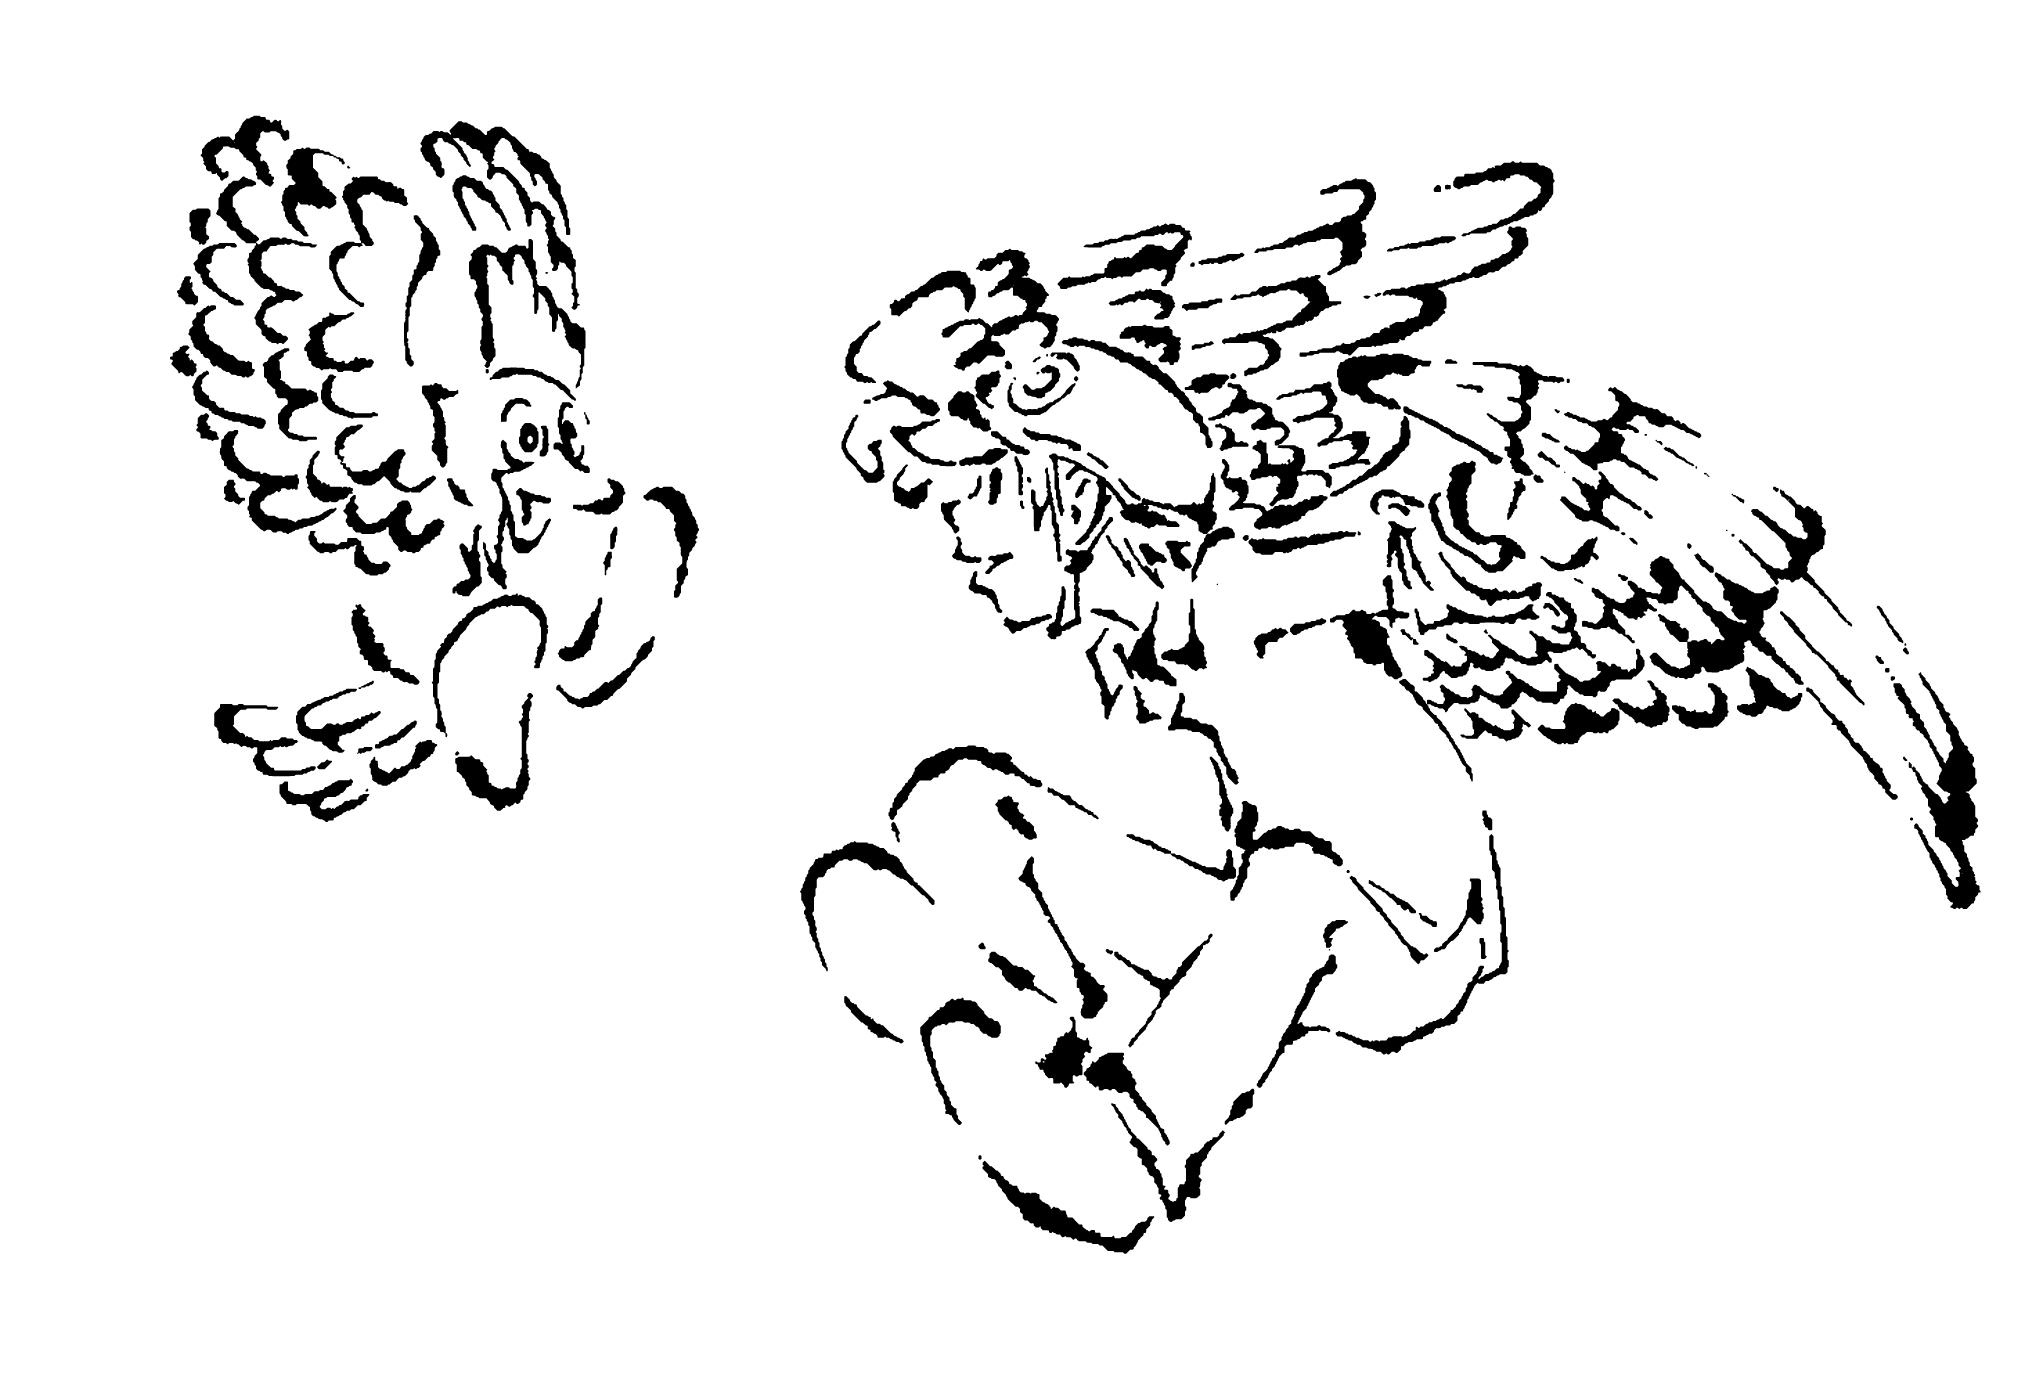 2017年賀状11-3:Flying Bird / line drawingのダウンロード画像